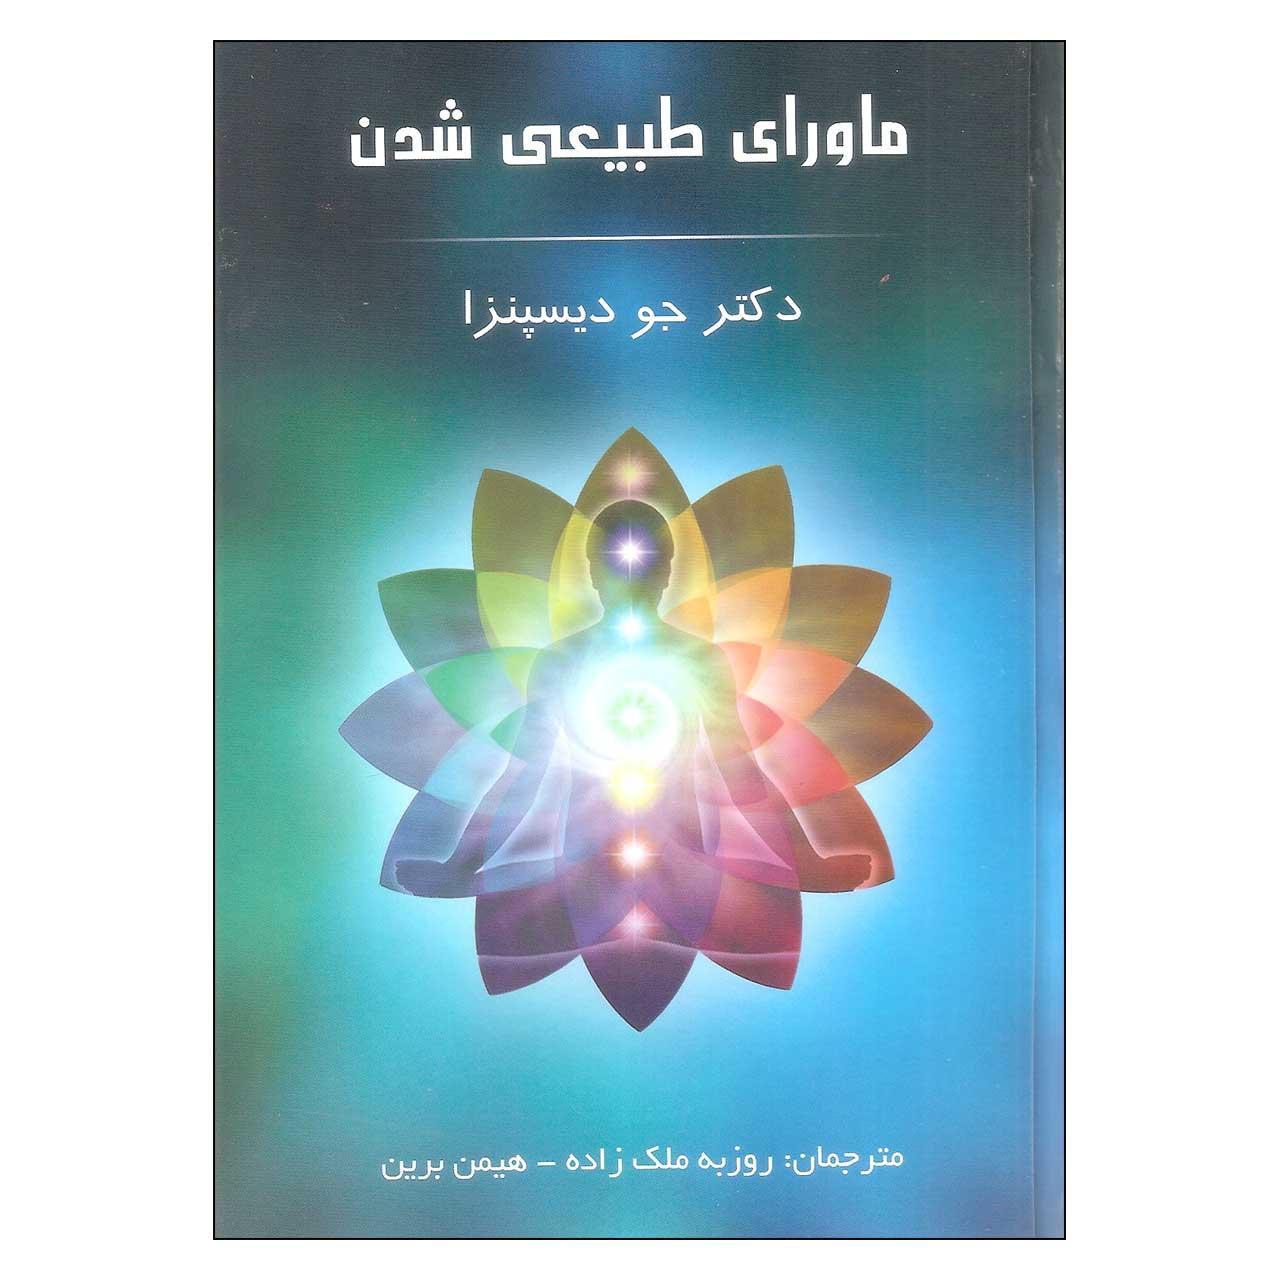 کتاب ماورای طبیعی شدن اثر دکتر جو دیسپنزا انتشارات پردیس آباریس              پرفروش